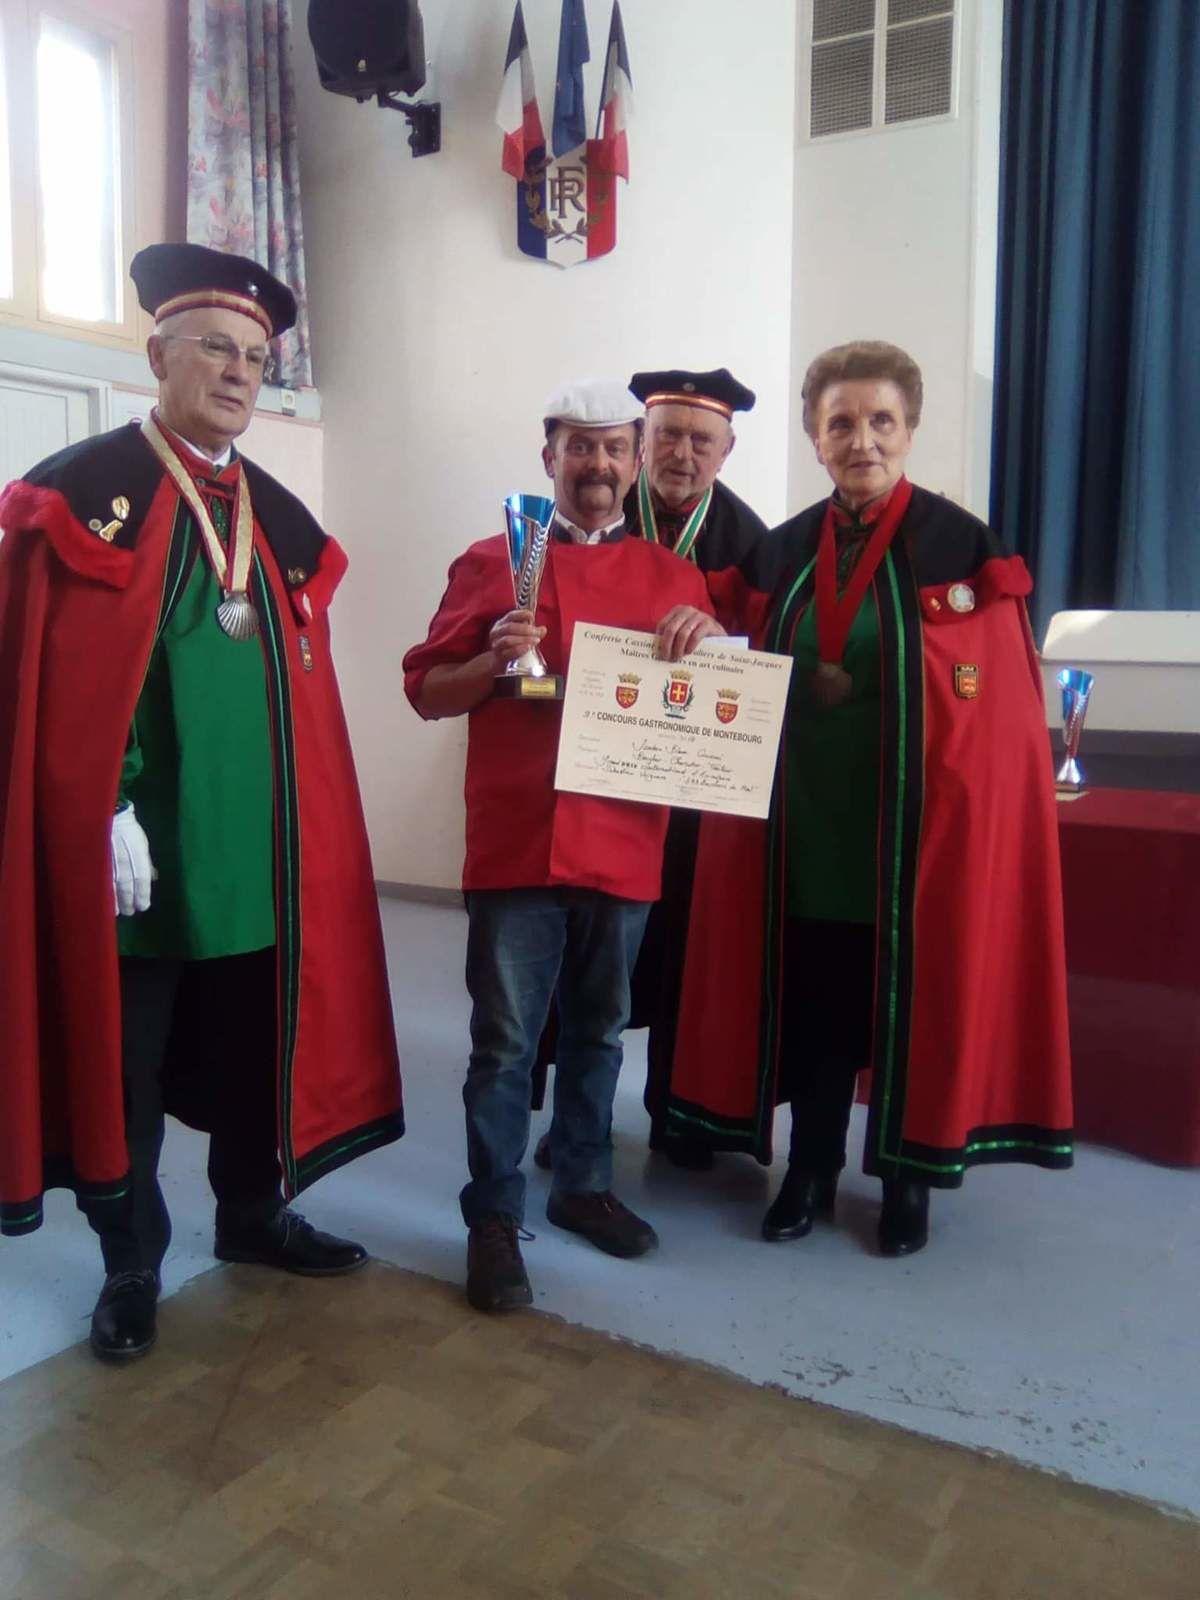 Sébastien Verguère, le boucher du Mail, a été cherché son prix, dans la Manche, celui du jambon blanc !